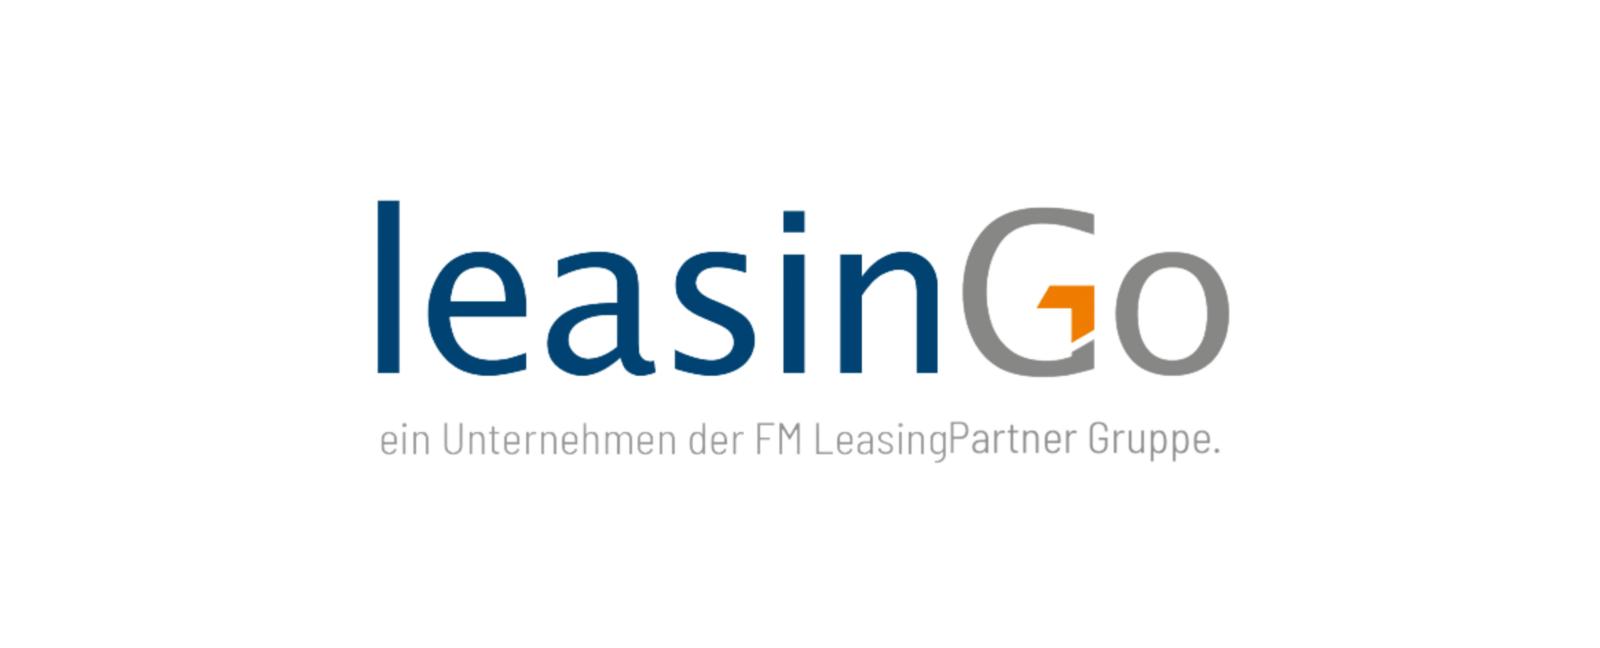 Vertriebsassistent im Innendienst (m/w/d) - Berlin - Job Berlin - Karriere bei FM